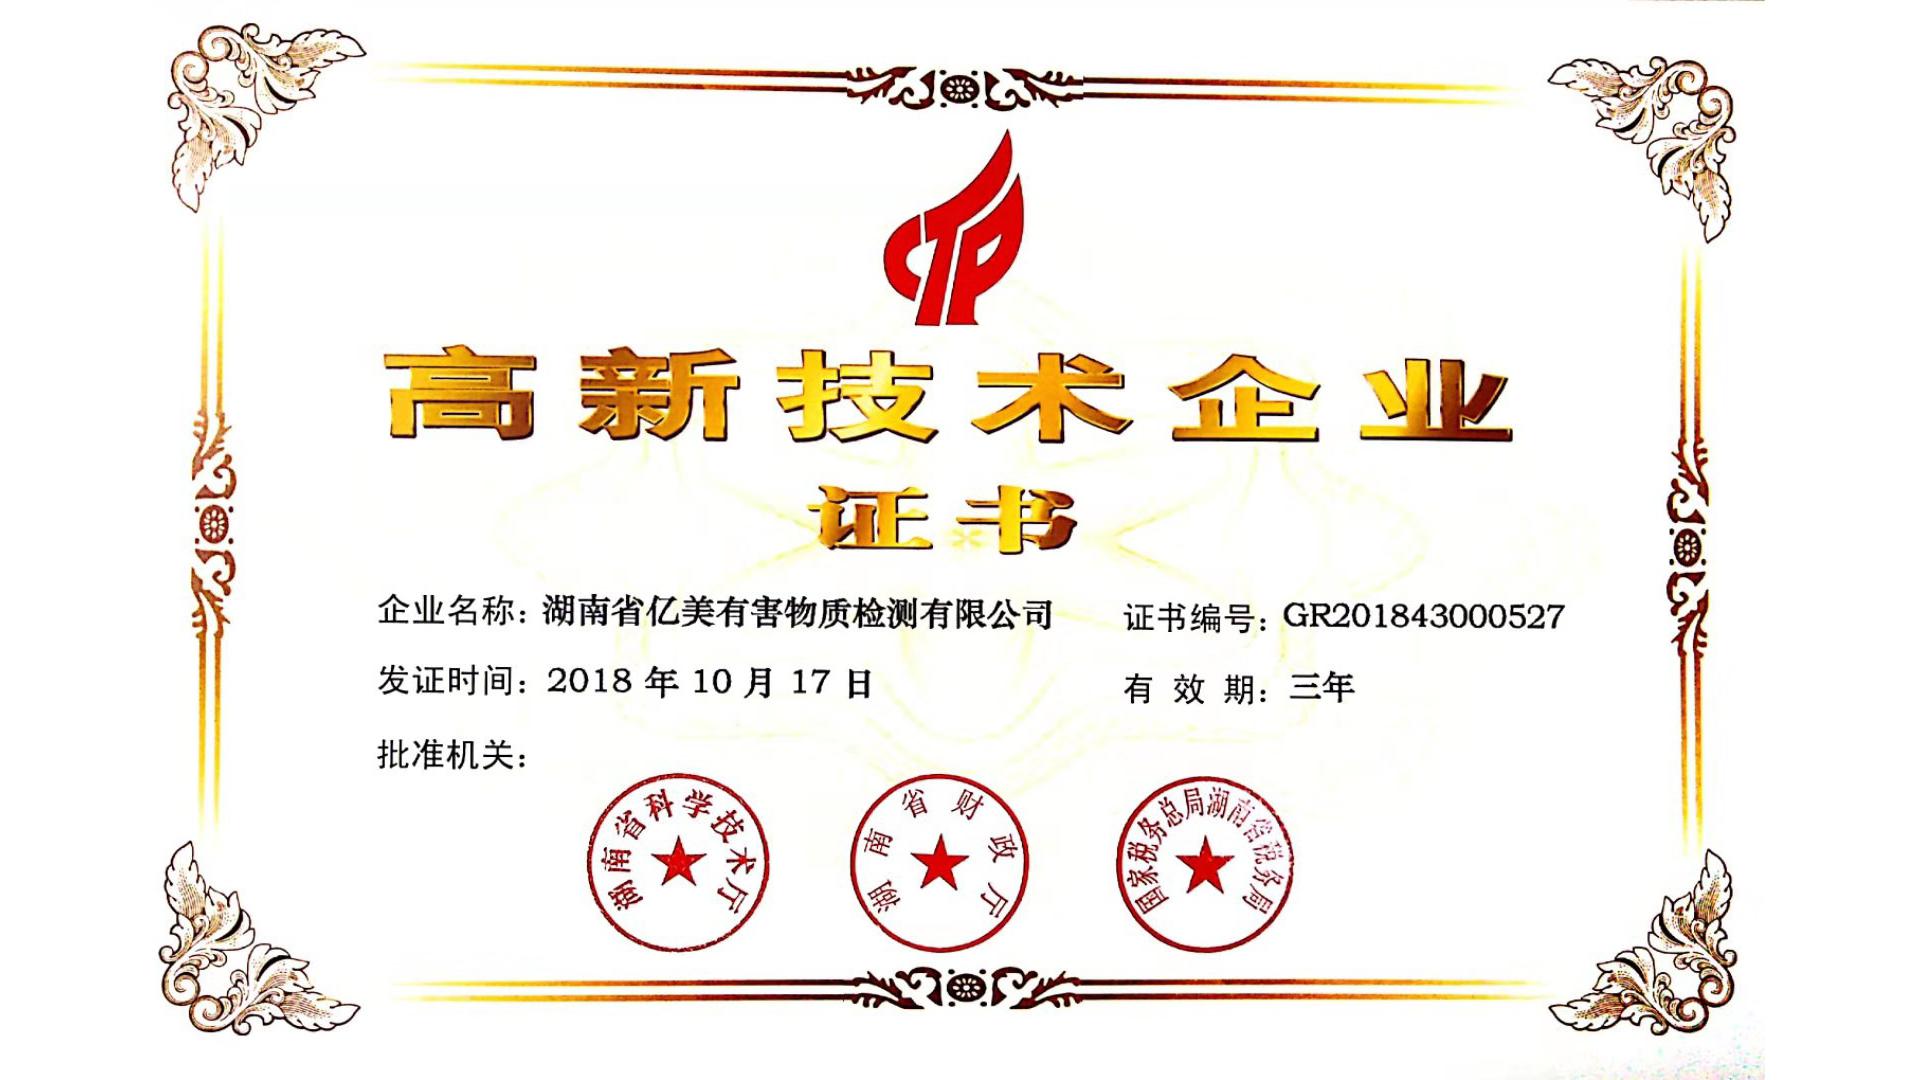 高新技術企業證書-20181017